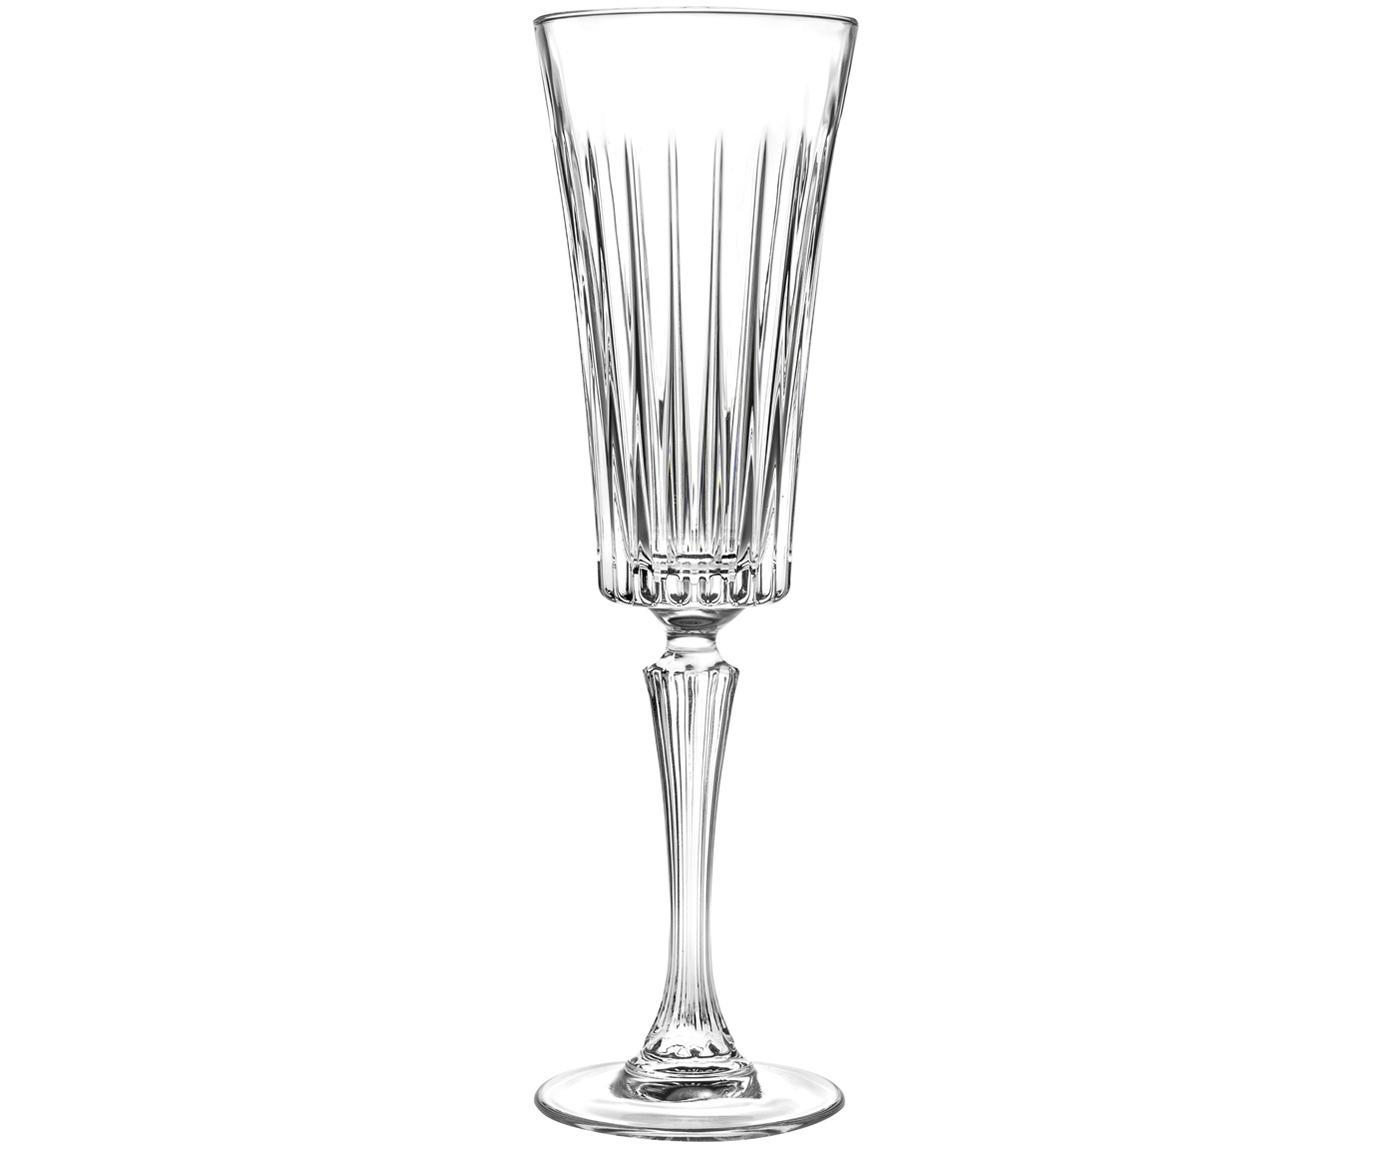 Copas flauta de champán de cristal Timeless, 6uds., Cristal, Transparente, Ø 8 x Al 24 cm